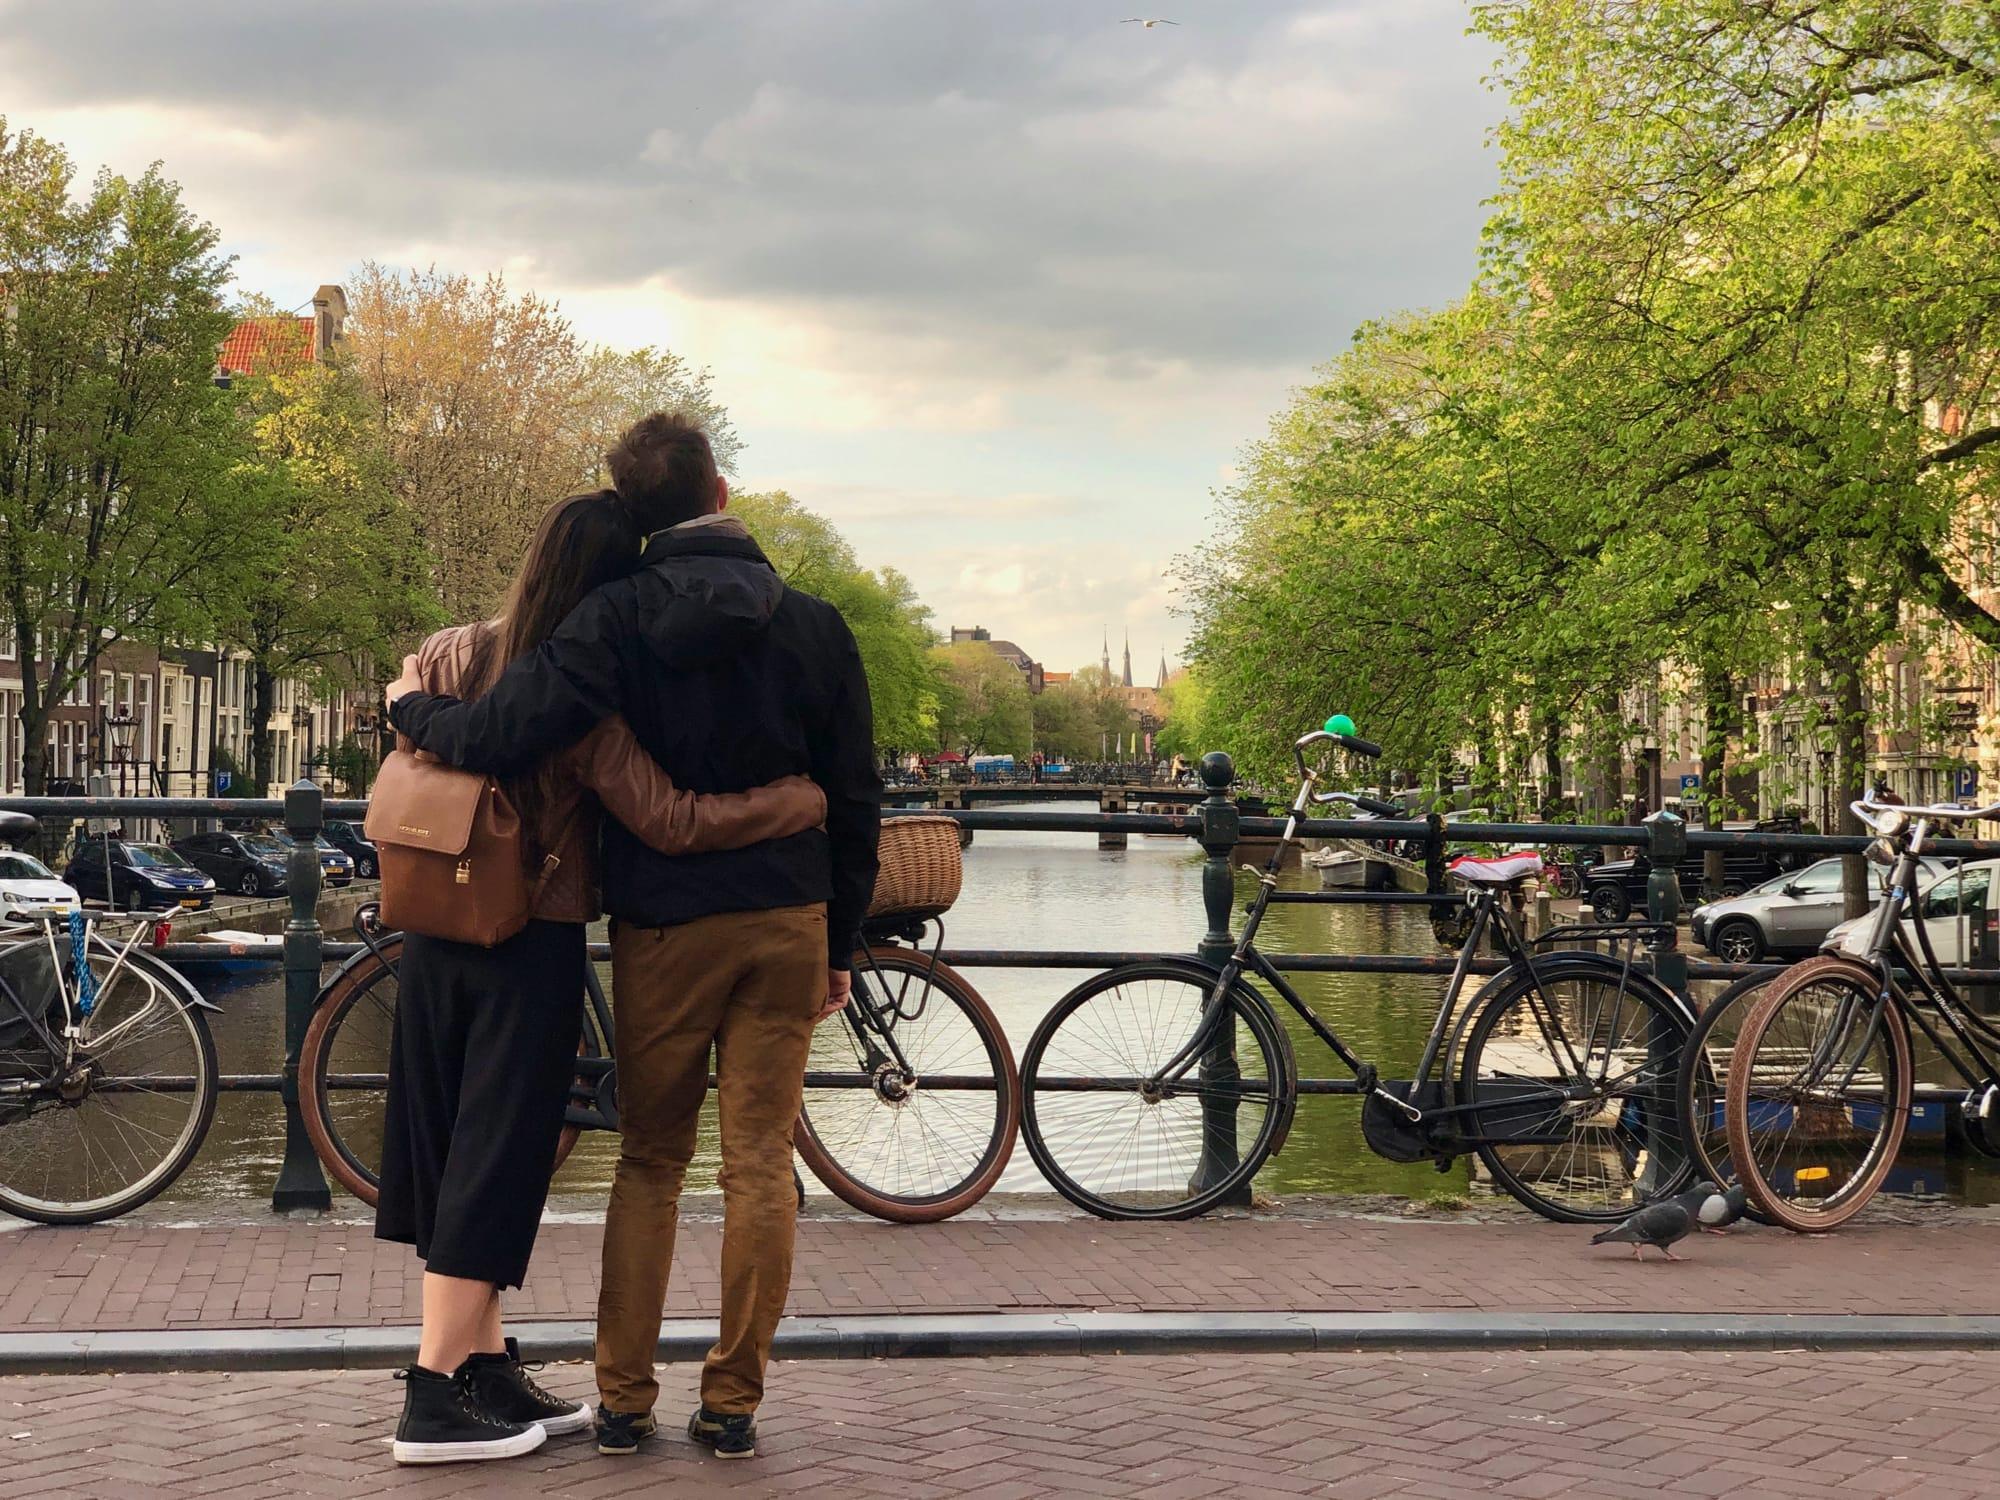 Olanda: il nostro itinerario, consigli e curiosità